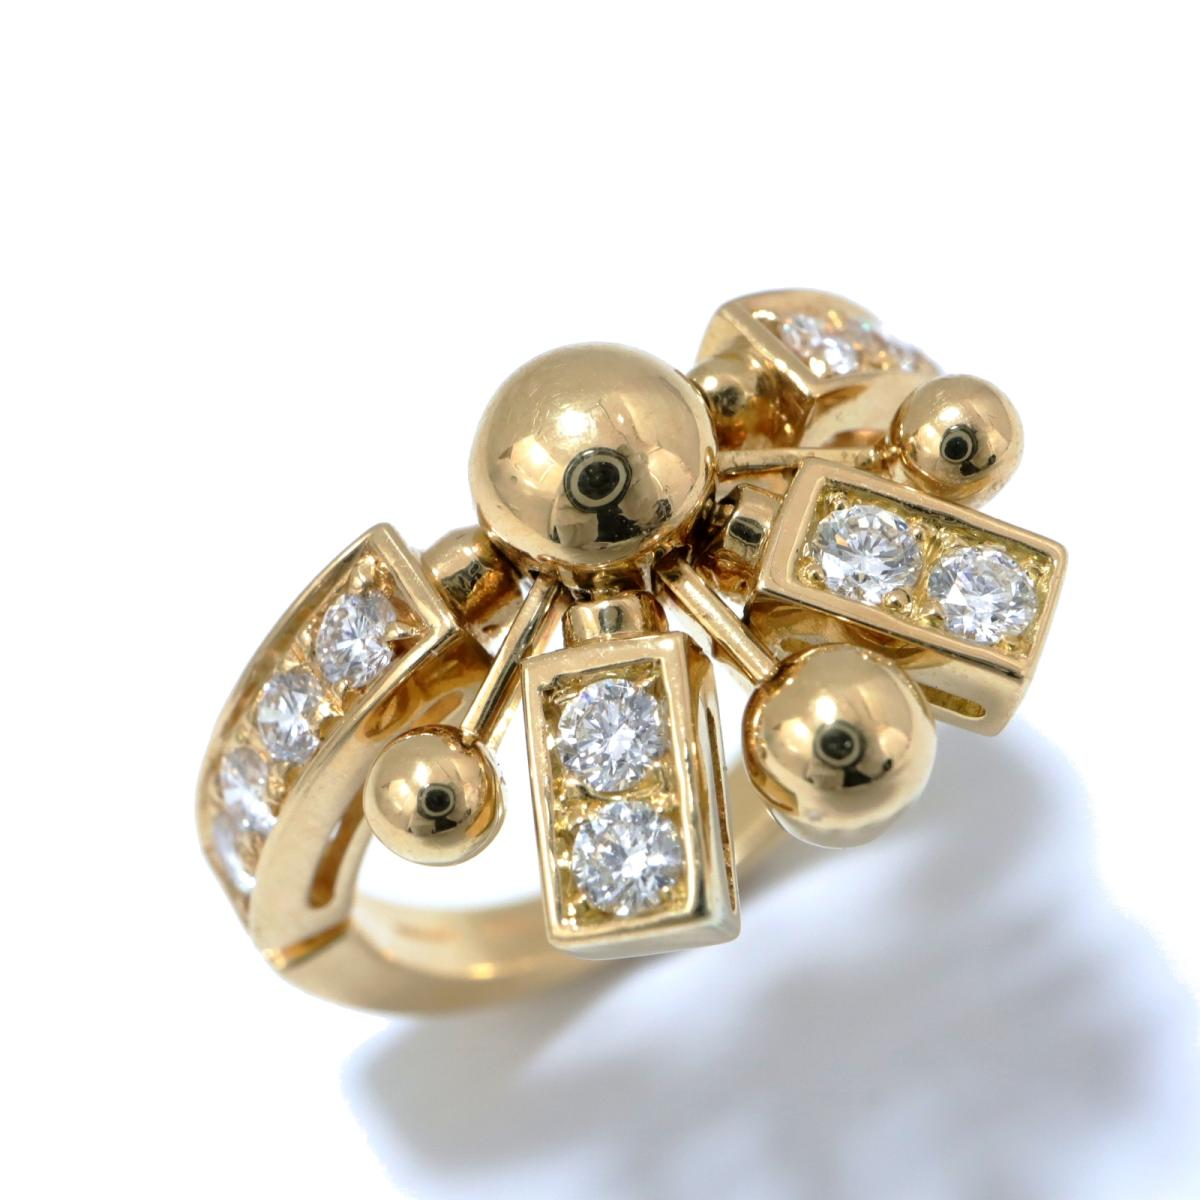 【中古】 ブルガリ アストラーレ ファイアーワークスリング 指輪 レディース K18YG (750) イエローゴールド x ダイヤモンド クリアー ゴールド | BVLGARI BRANDOFF ブランドオフ ブランド ジュエリー アクセサリー リング